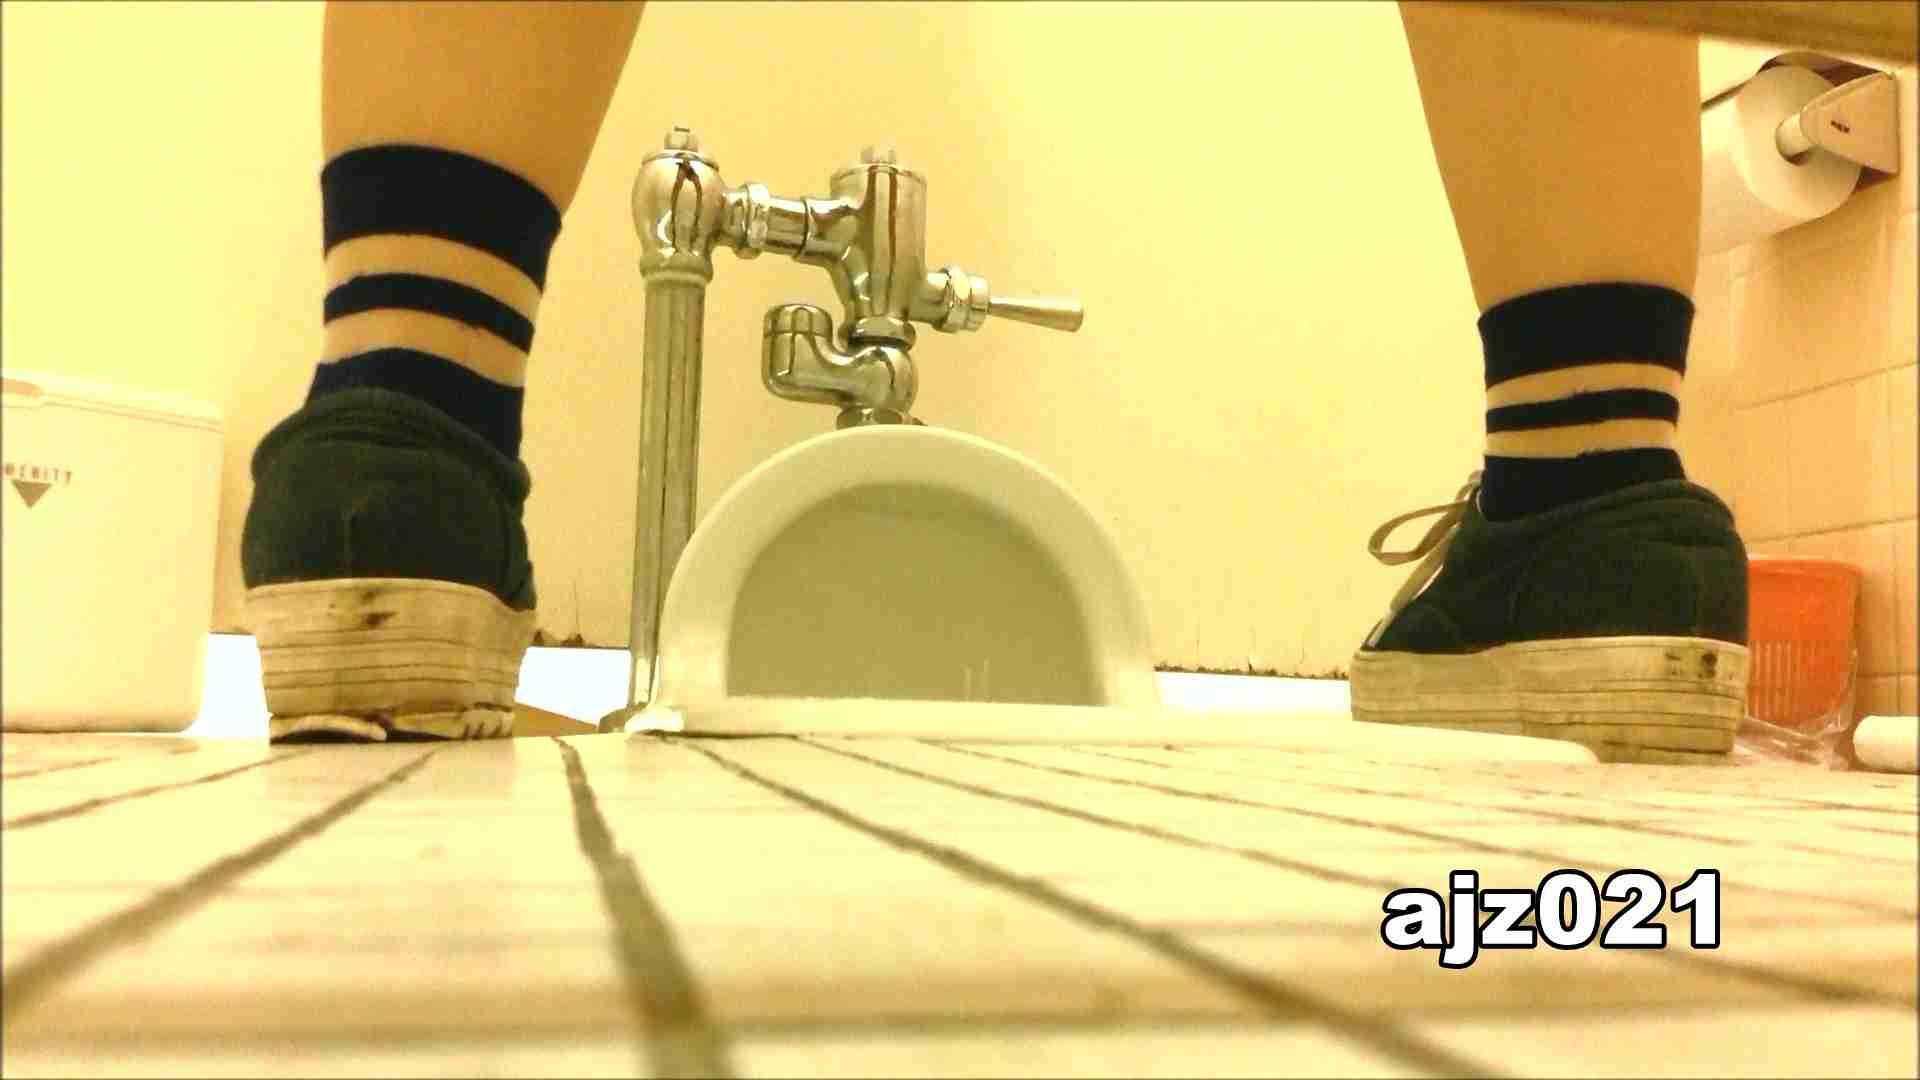 某有名大学女性洗面所 vol.21 色っぽいOL達 セックス無修正動画無料 54pic 32